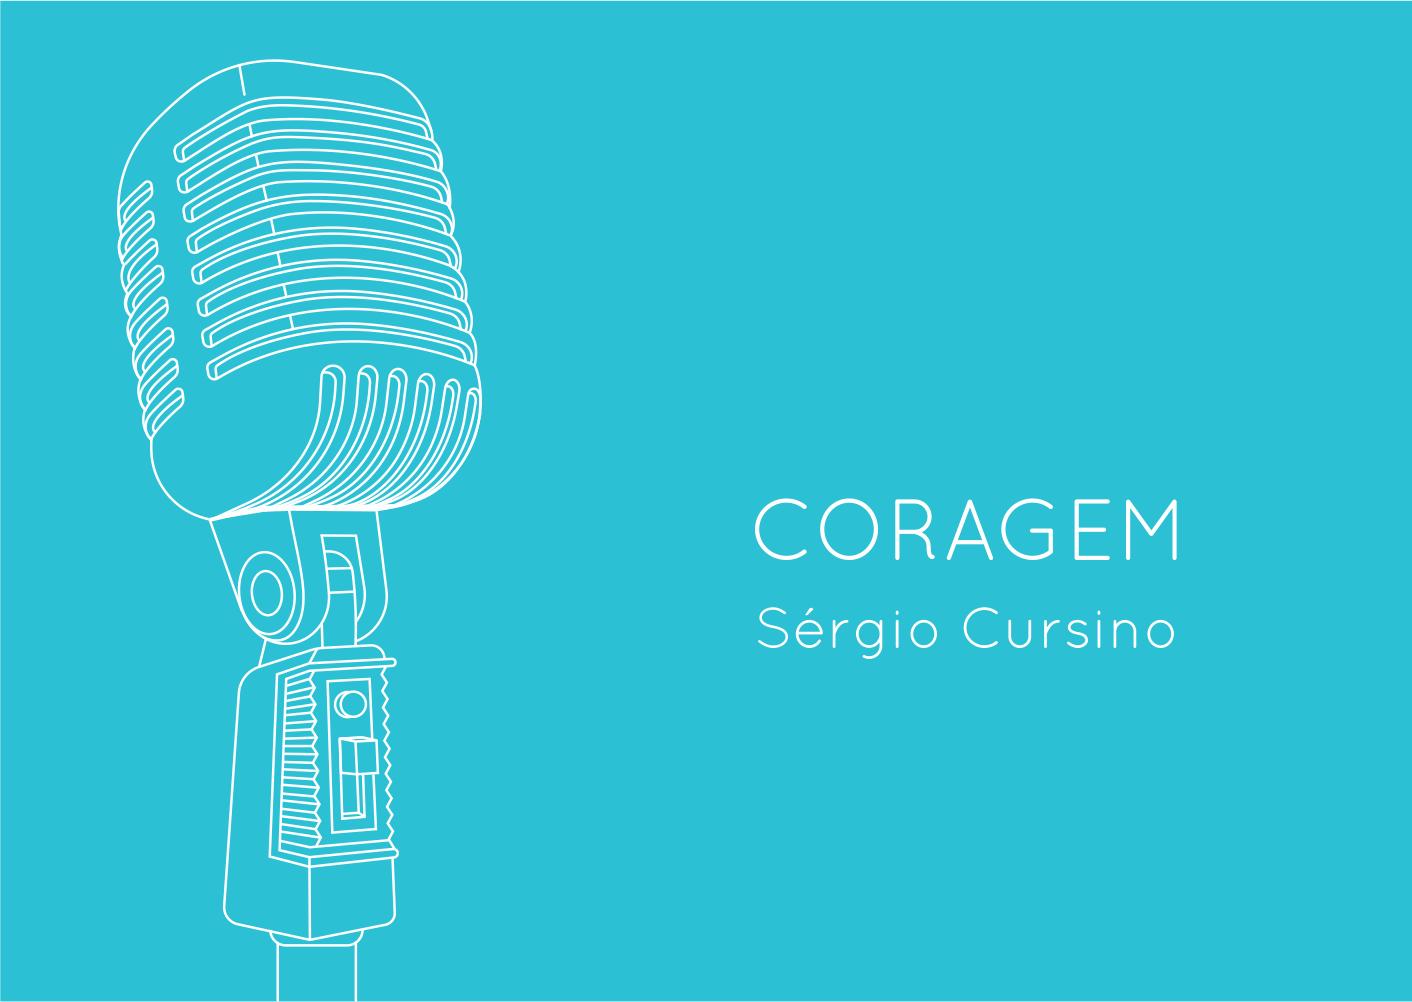 Coragem - Sérgio Cursino